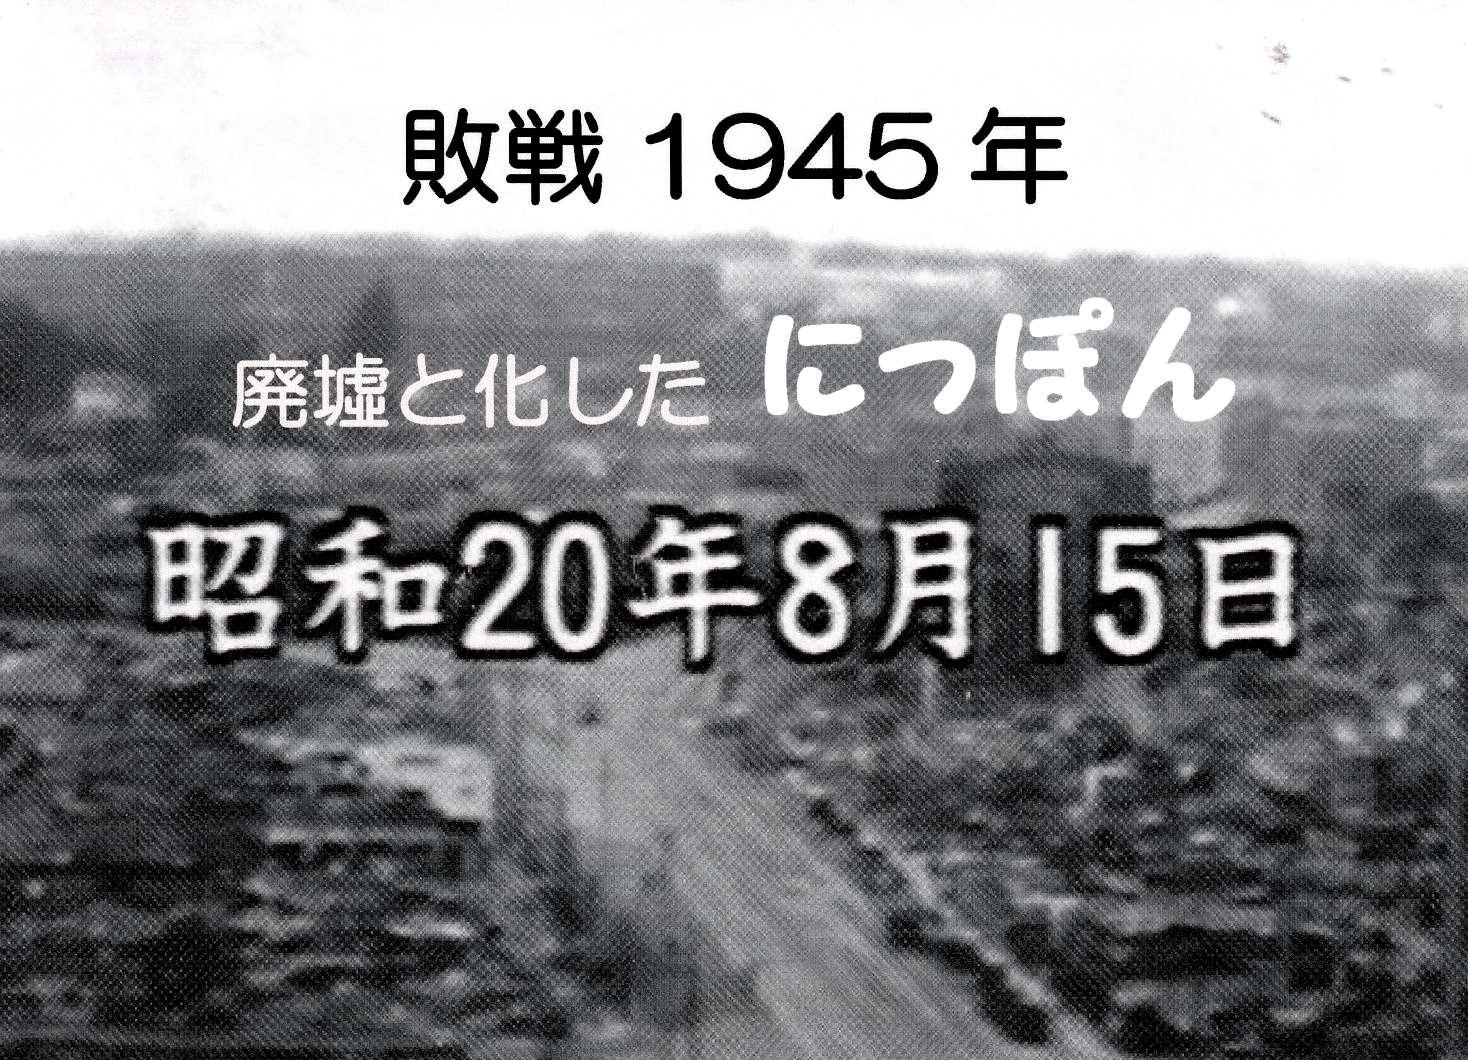 終戦記念日_InPixio